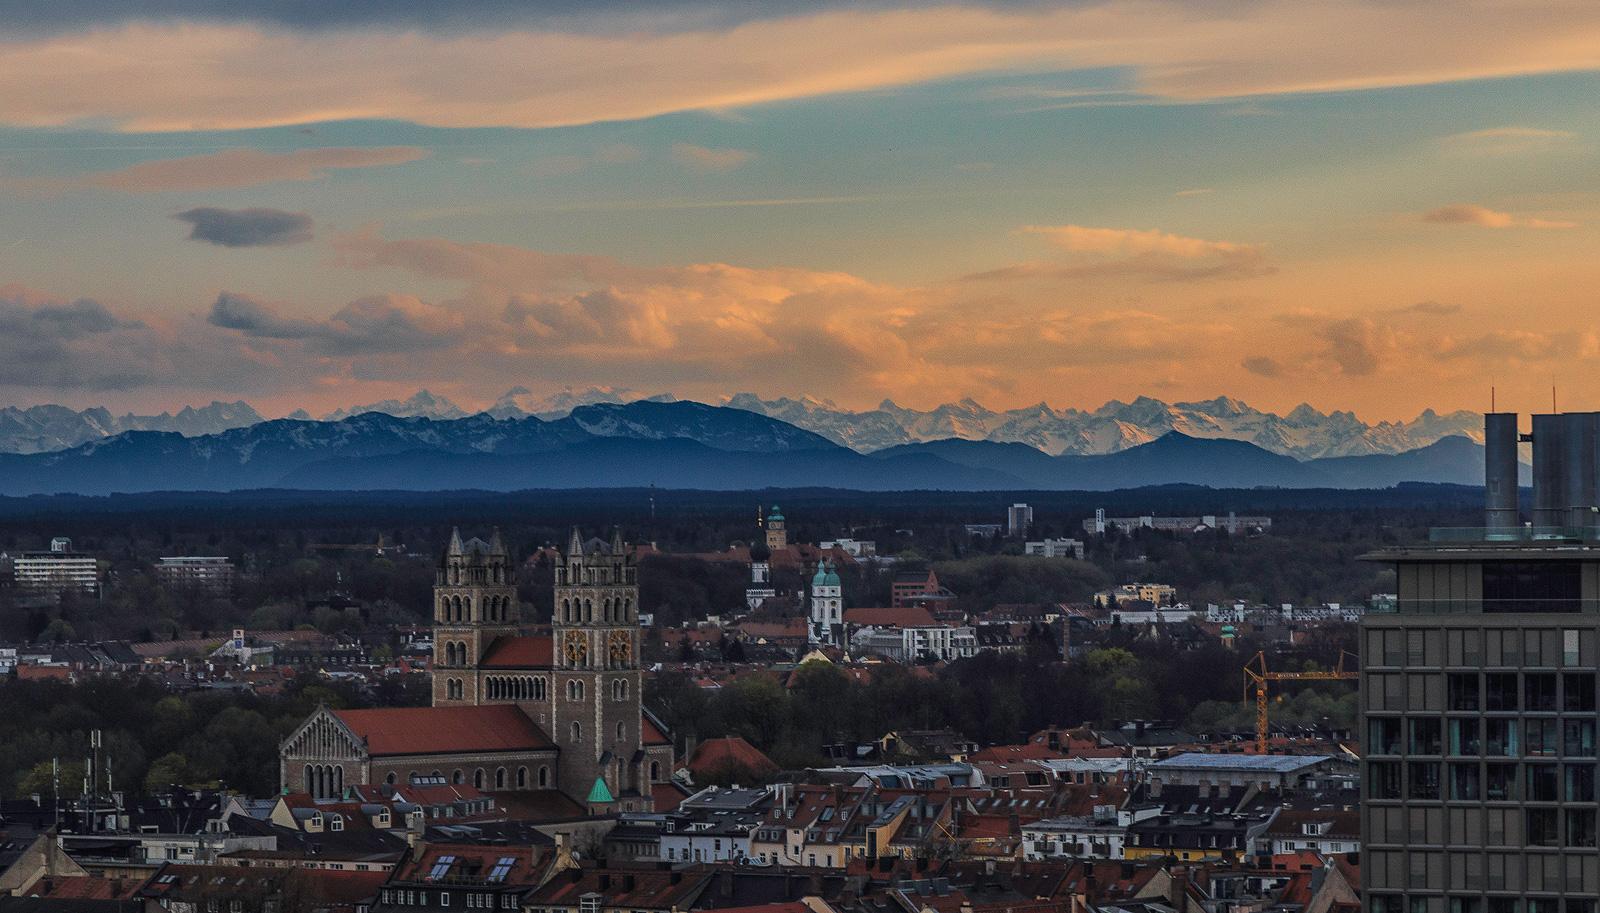 Alpen, Sankt Peter, München, Aussicht, Alter Peter